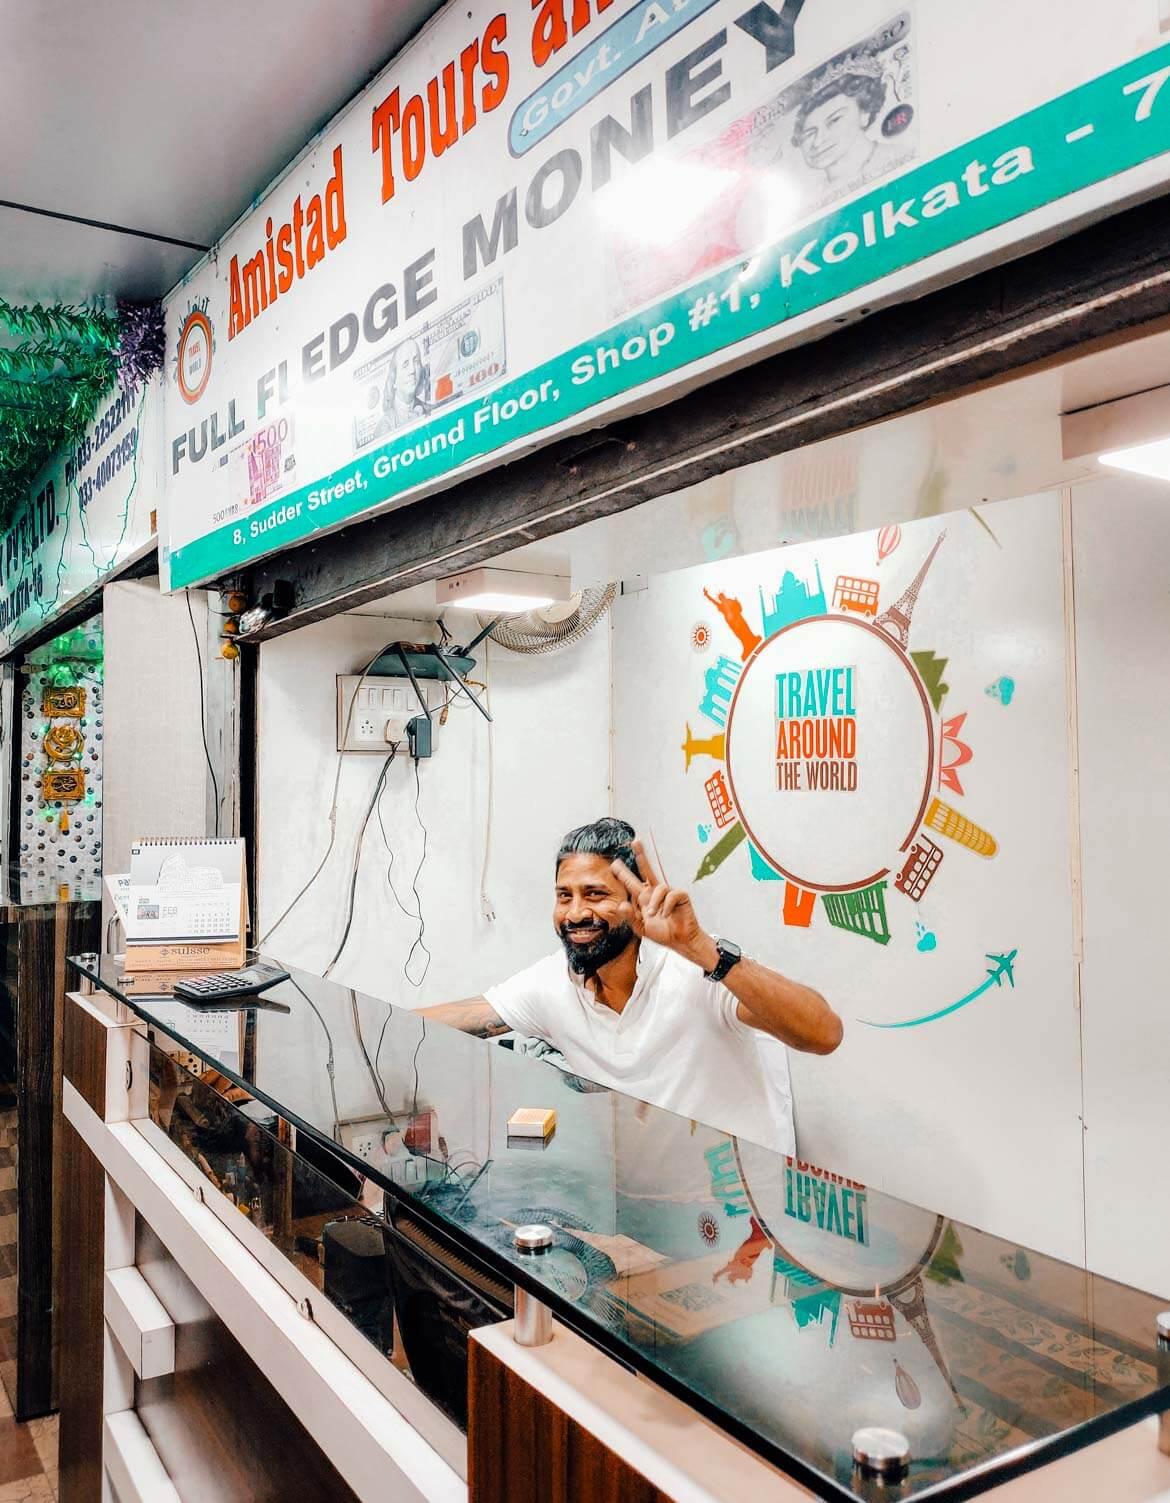 Calcutta dove cambiare i soldi